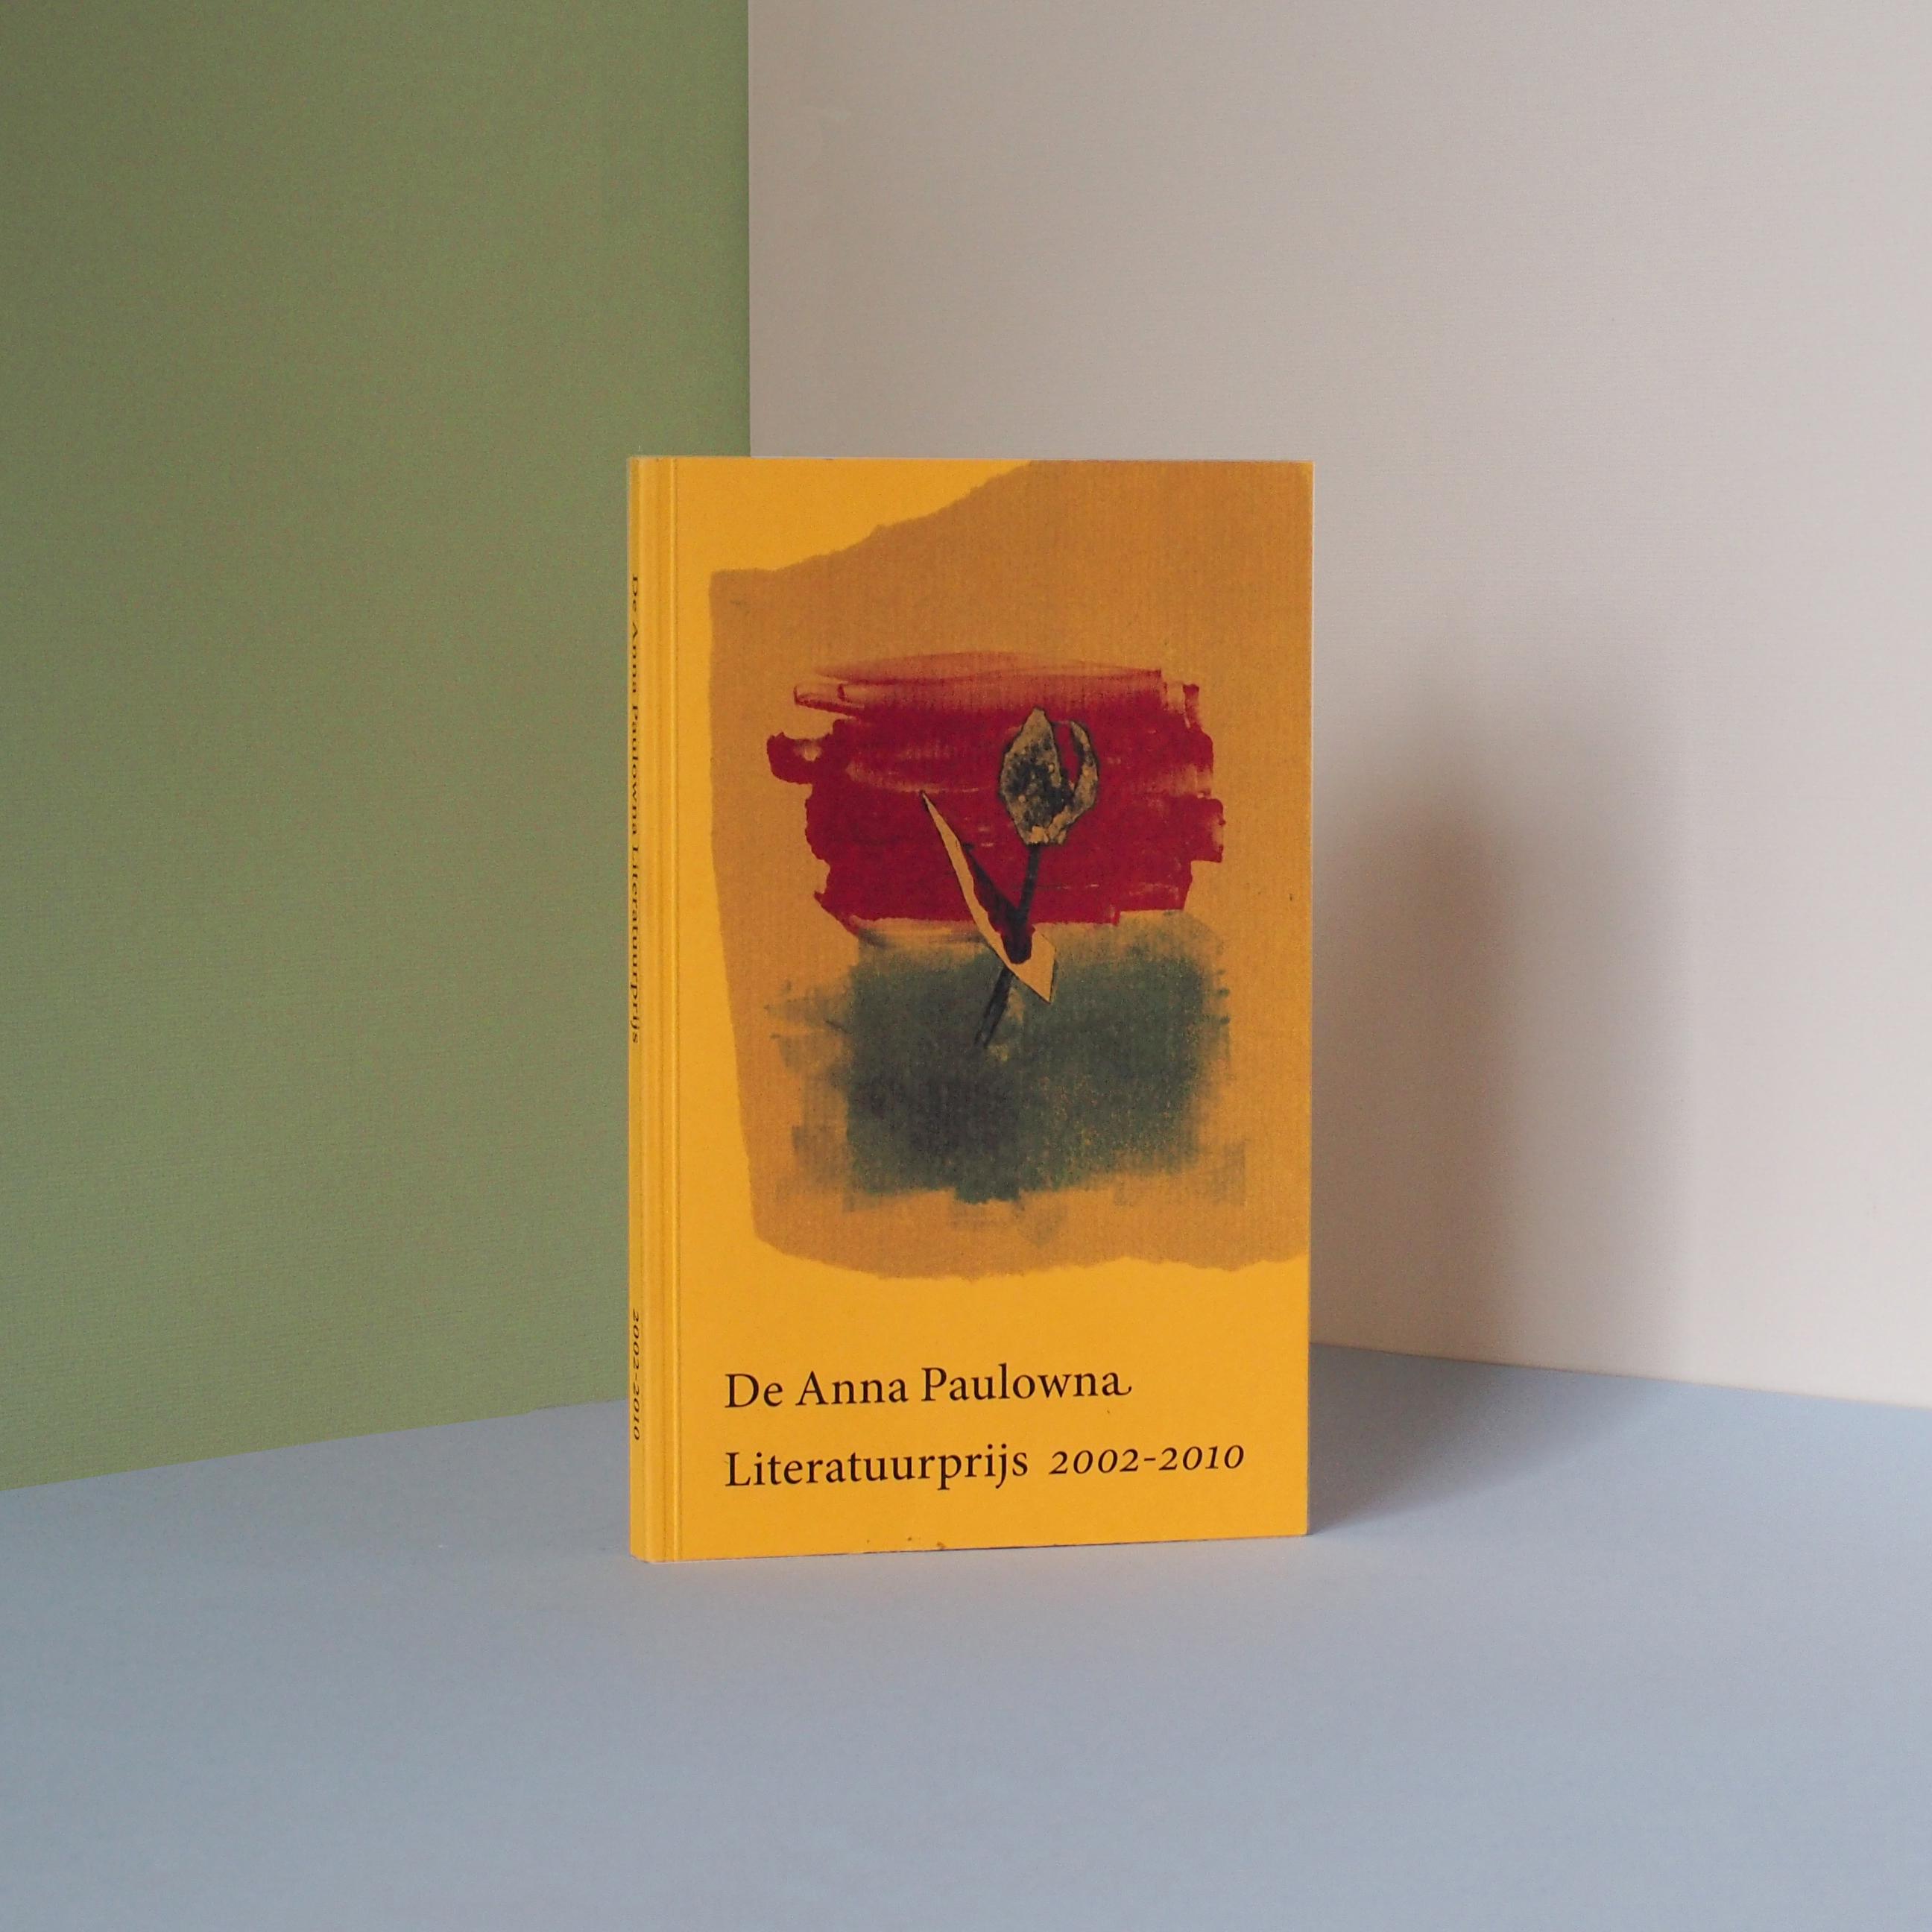 Literatuurprijs